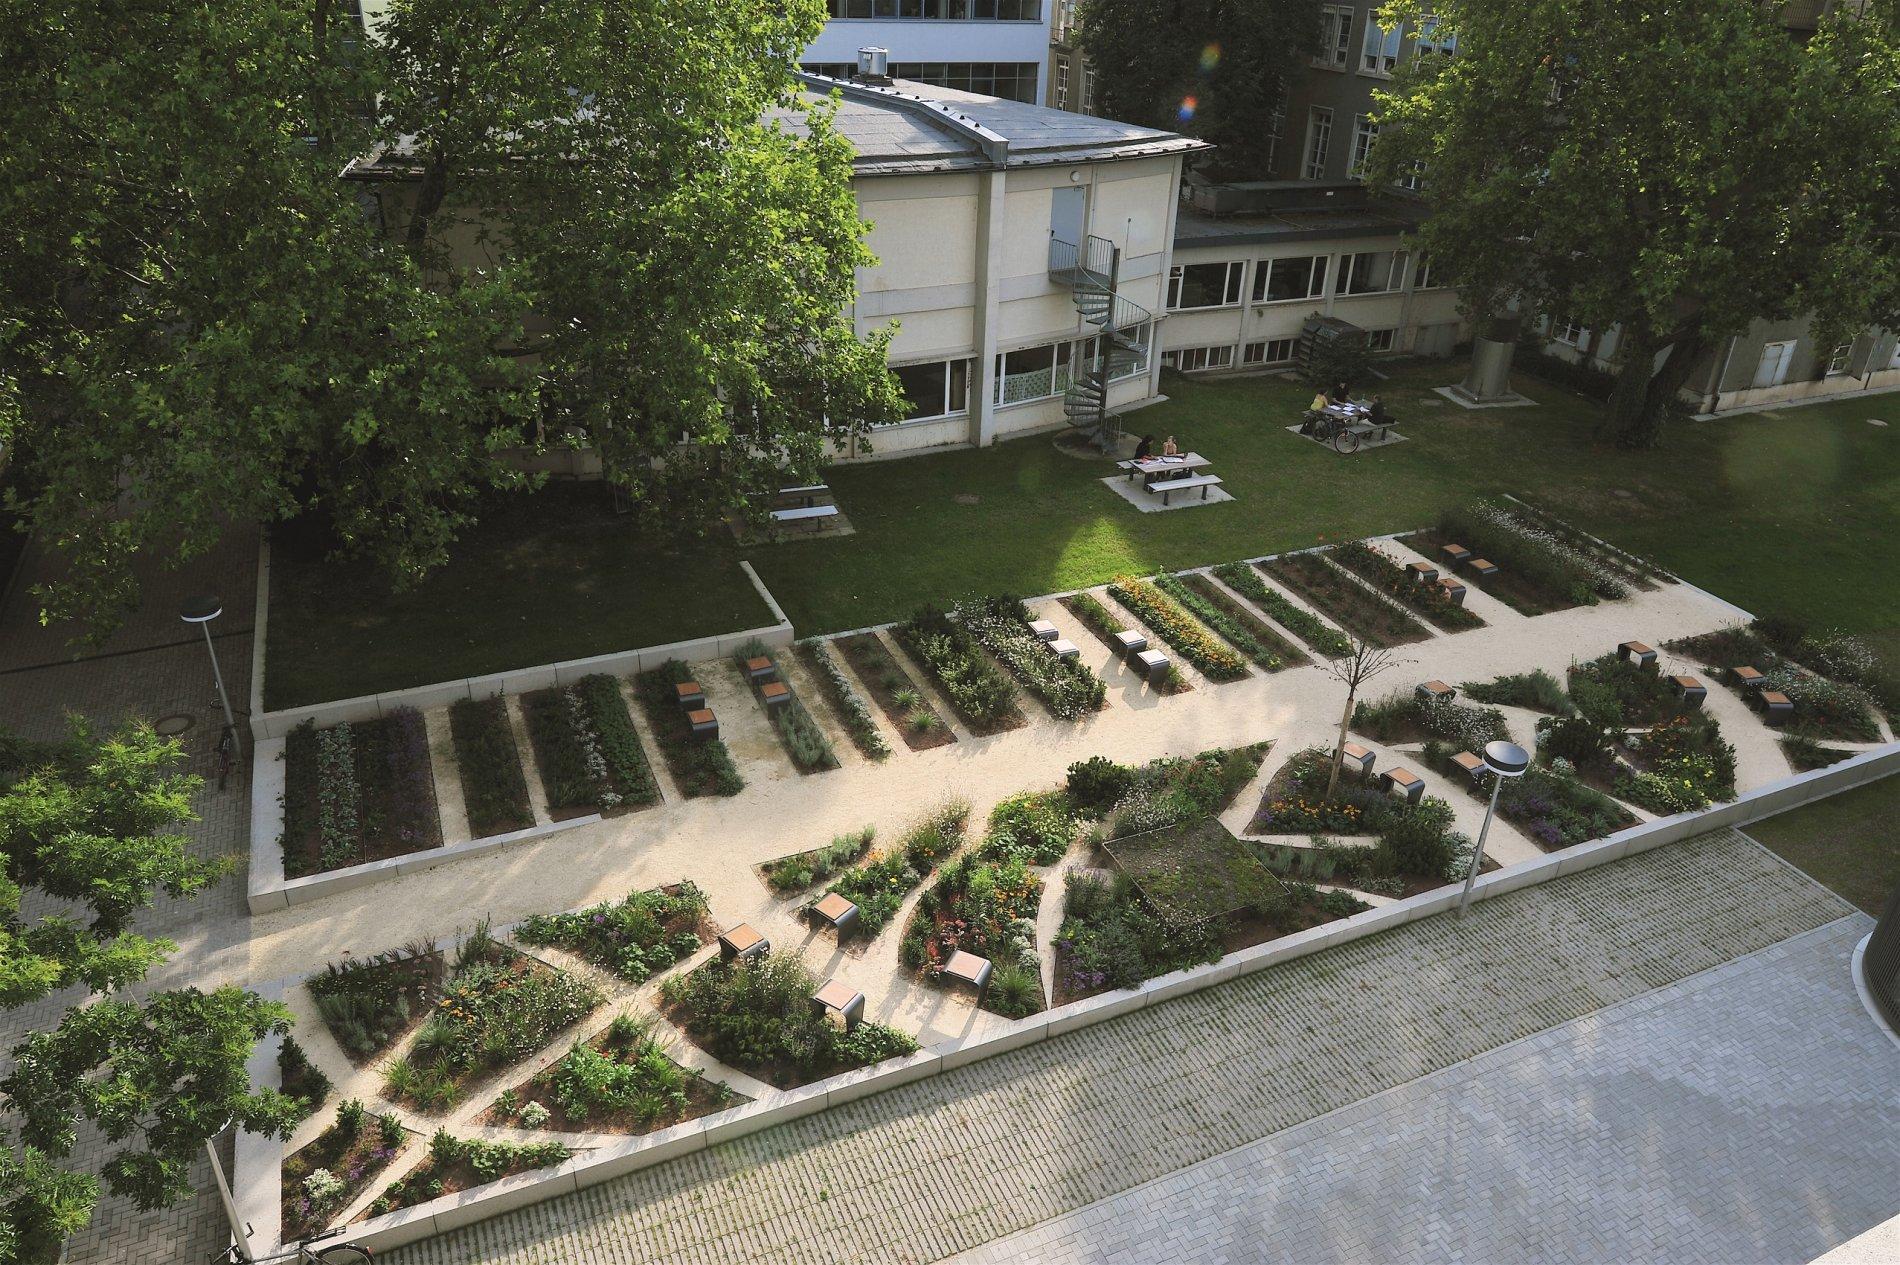 Garten der Physik